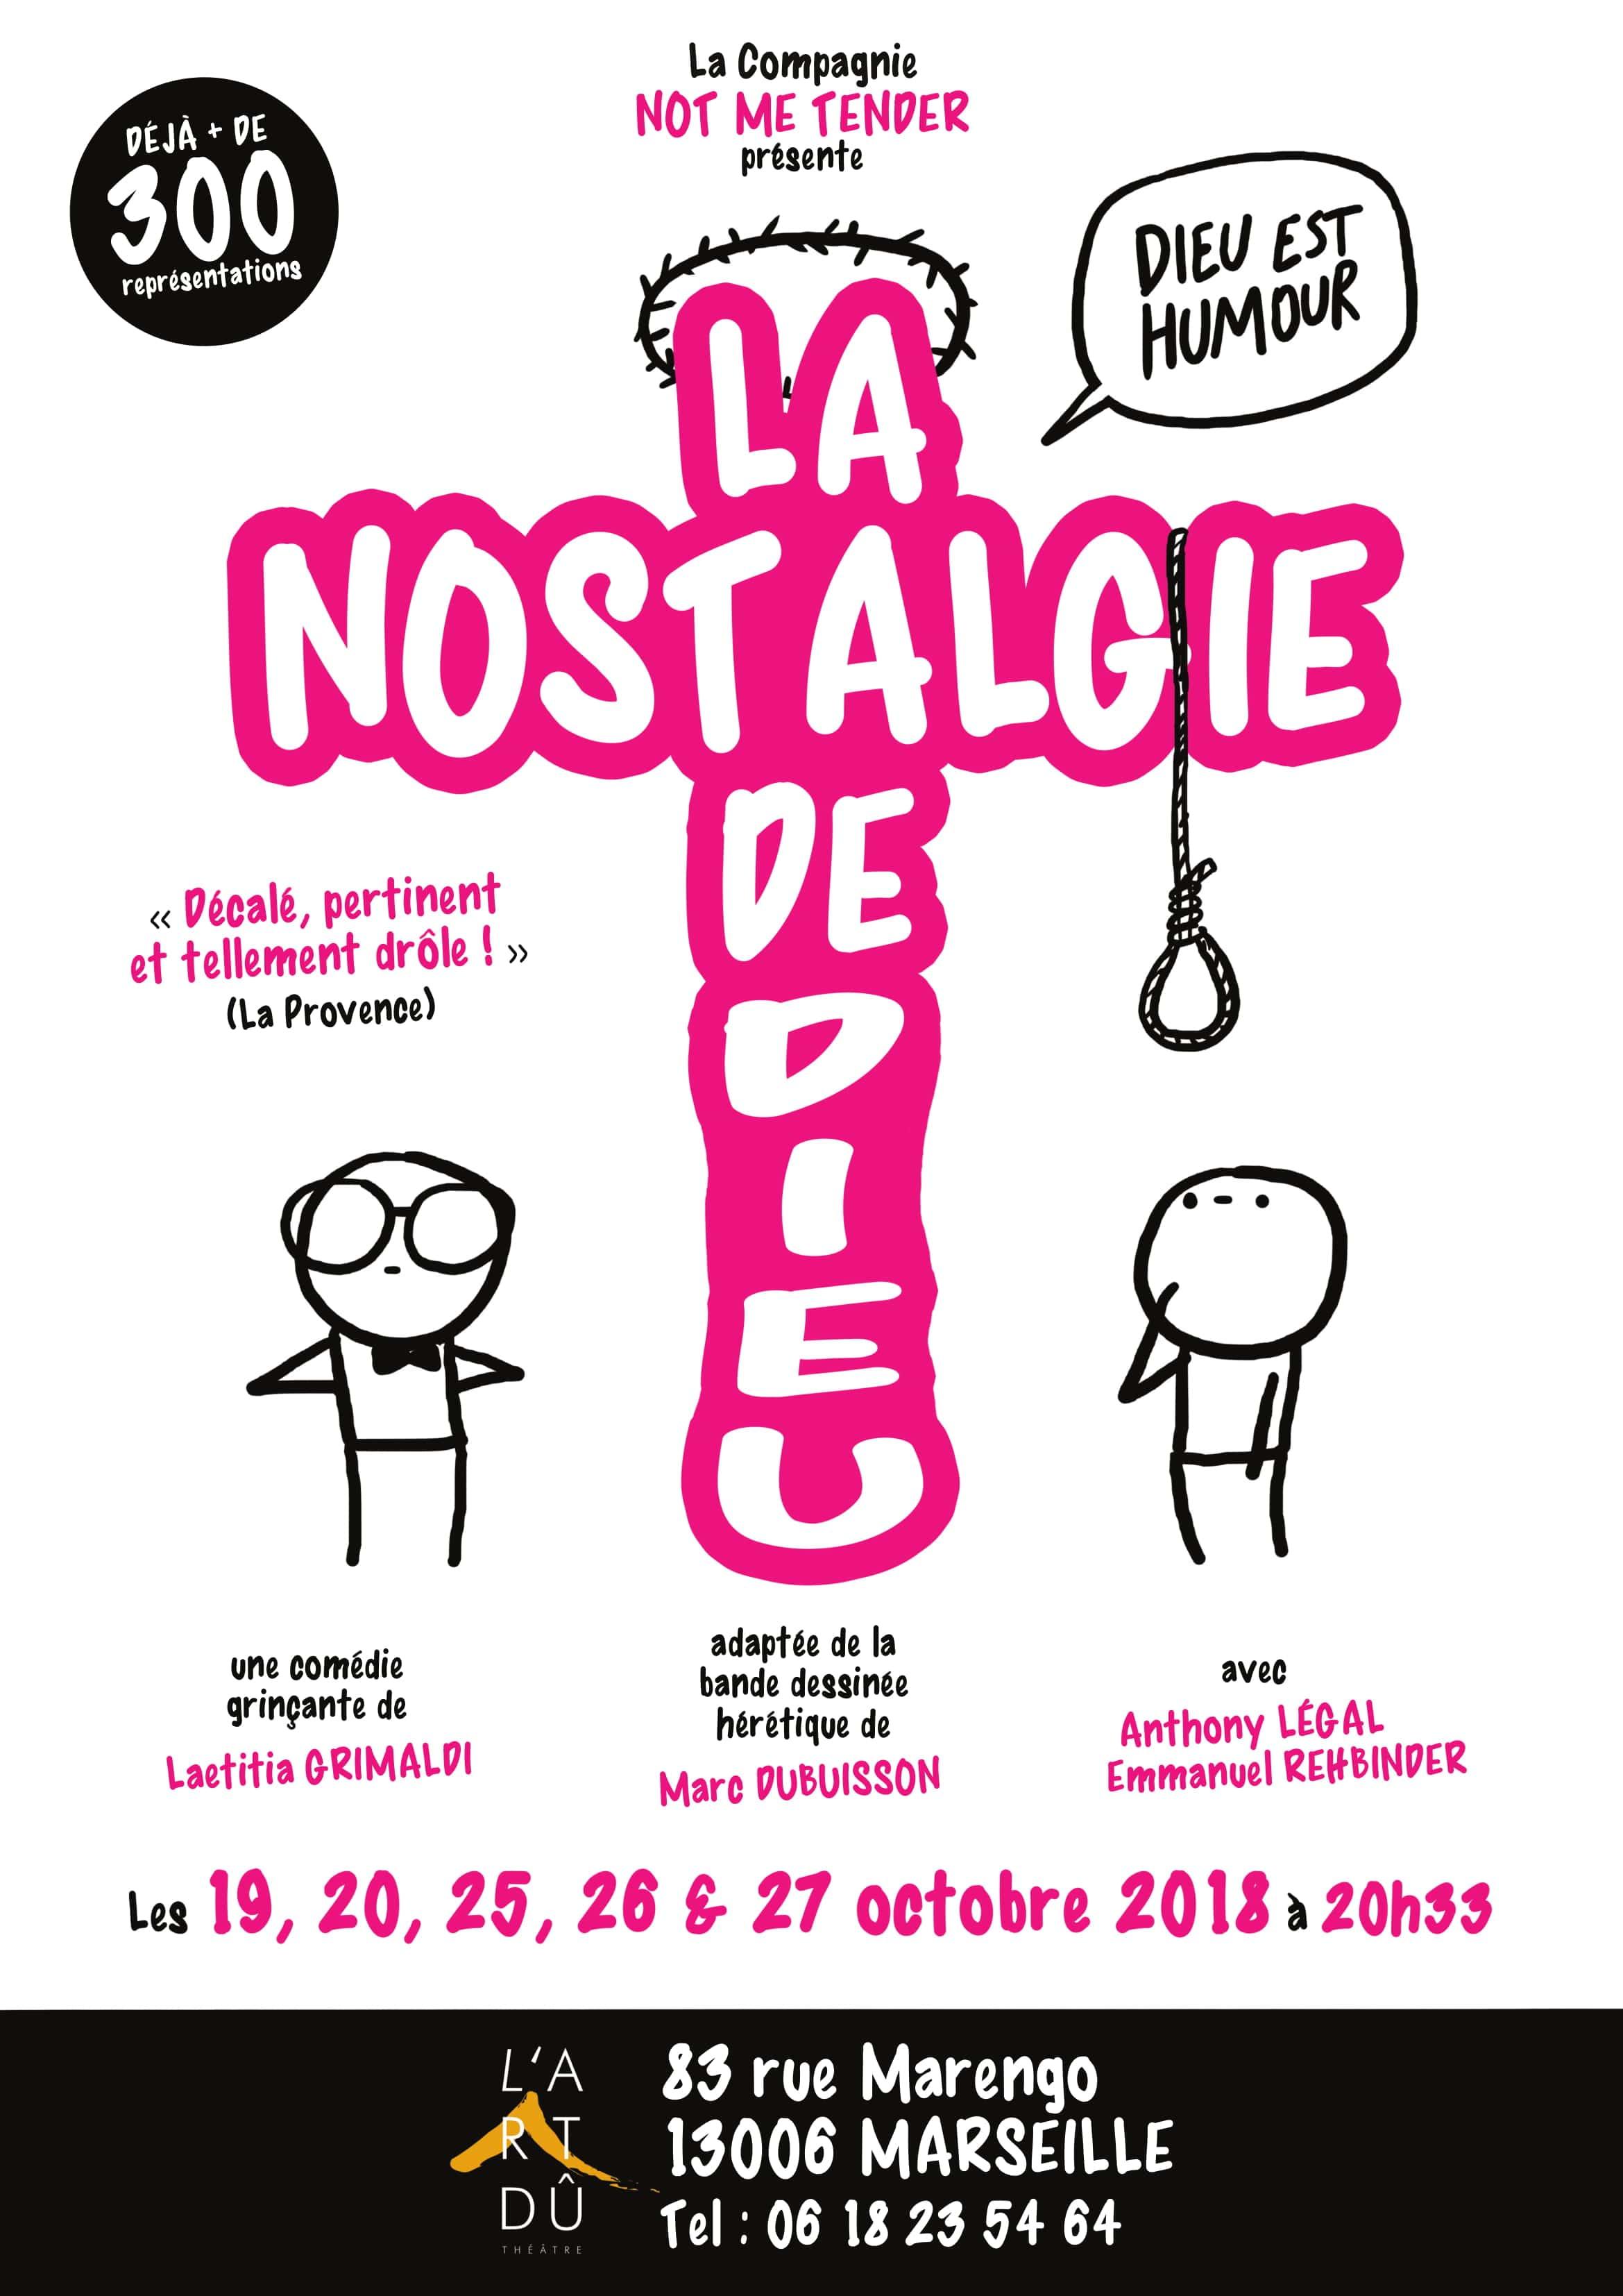 La nostalgie de dieu - Théâtre L'Art Dû - Marseille - 13006 - comédie - Humour